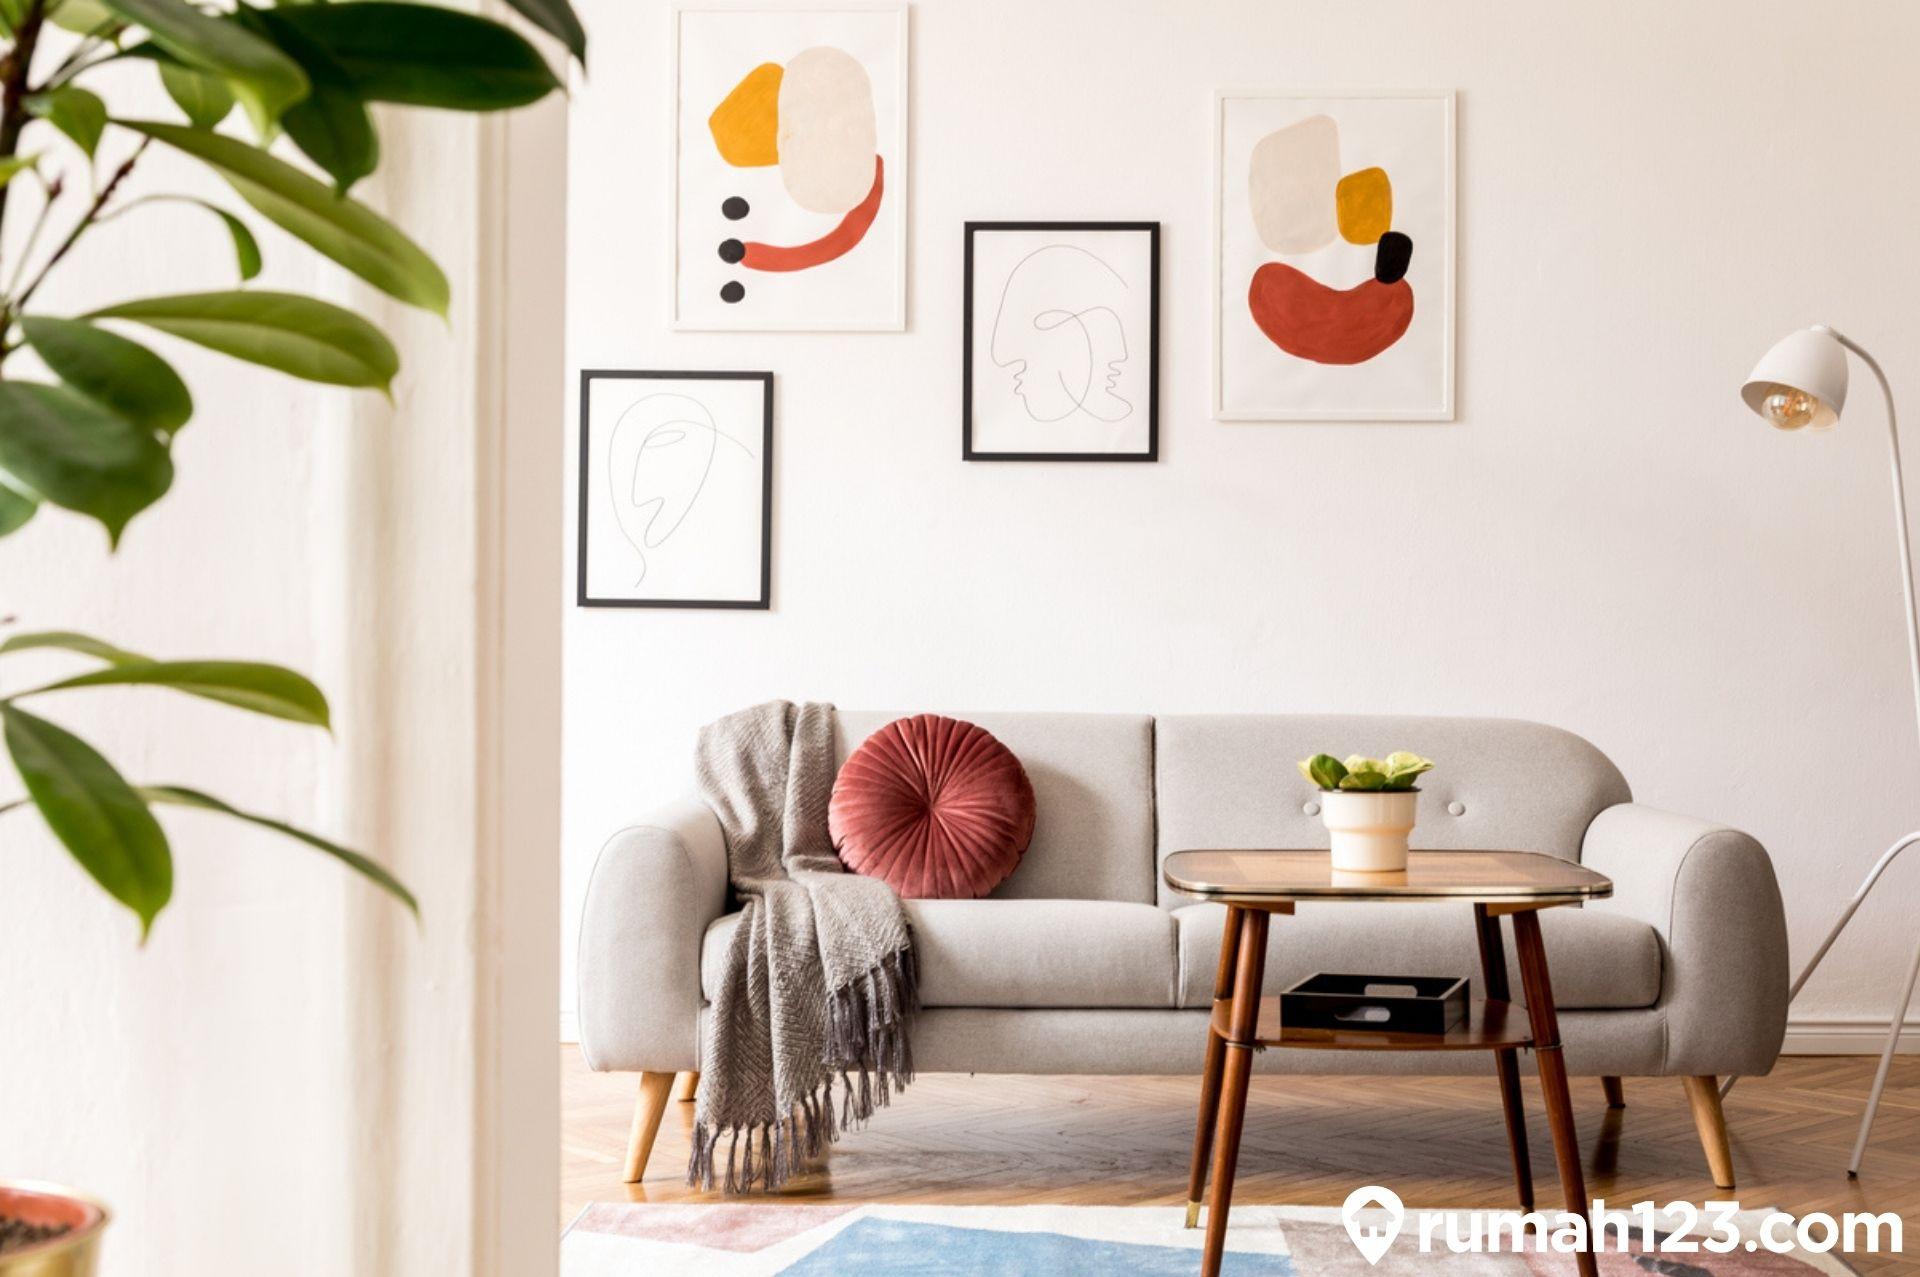 11 Rekomendasi Sofa Minimalis Terbaik Kurang dari Rp2 Juta, Cocok untuk Bersantai di Rumah